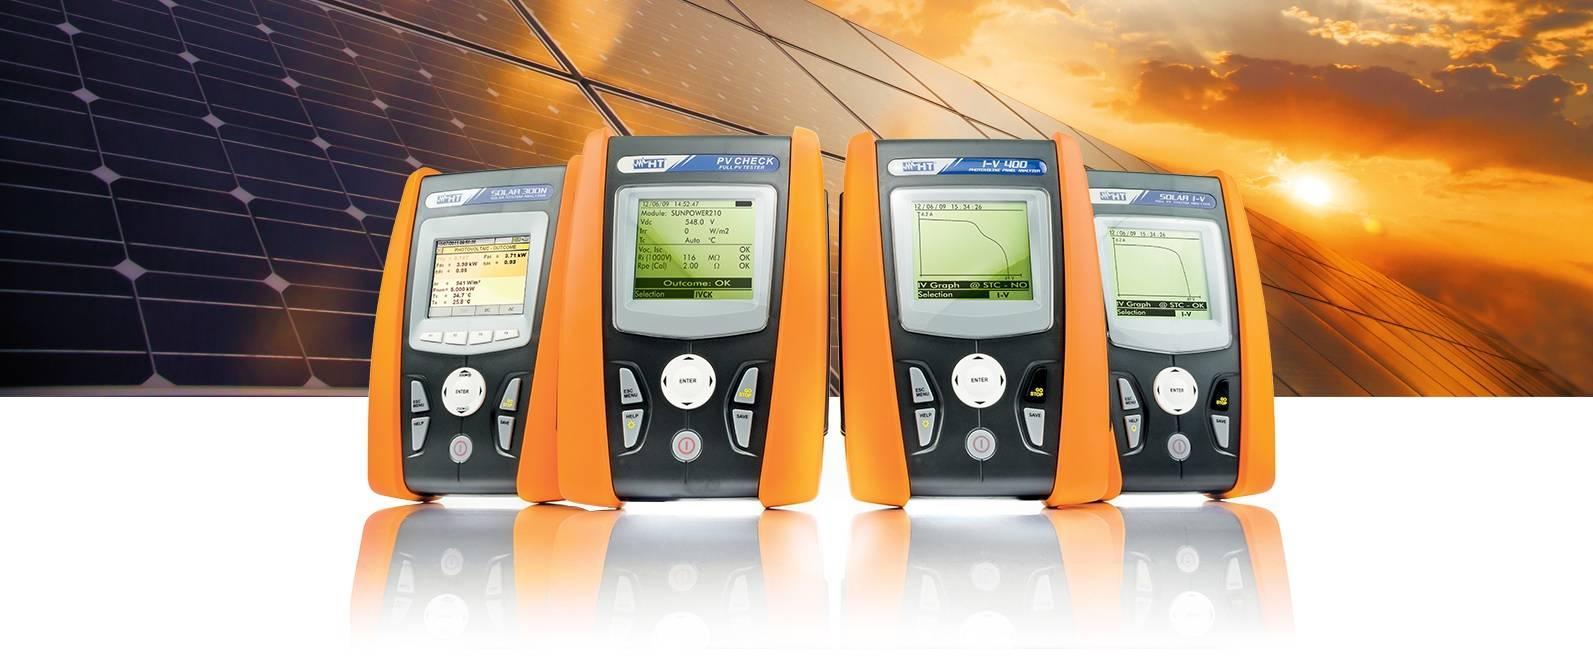 expertise-check-entretien-maintenance-photovoltaique-neonext